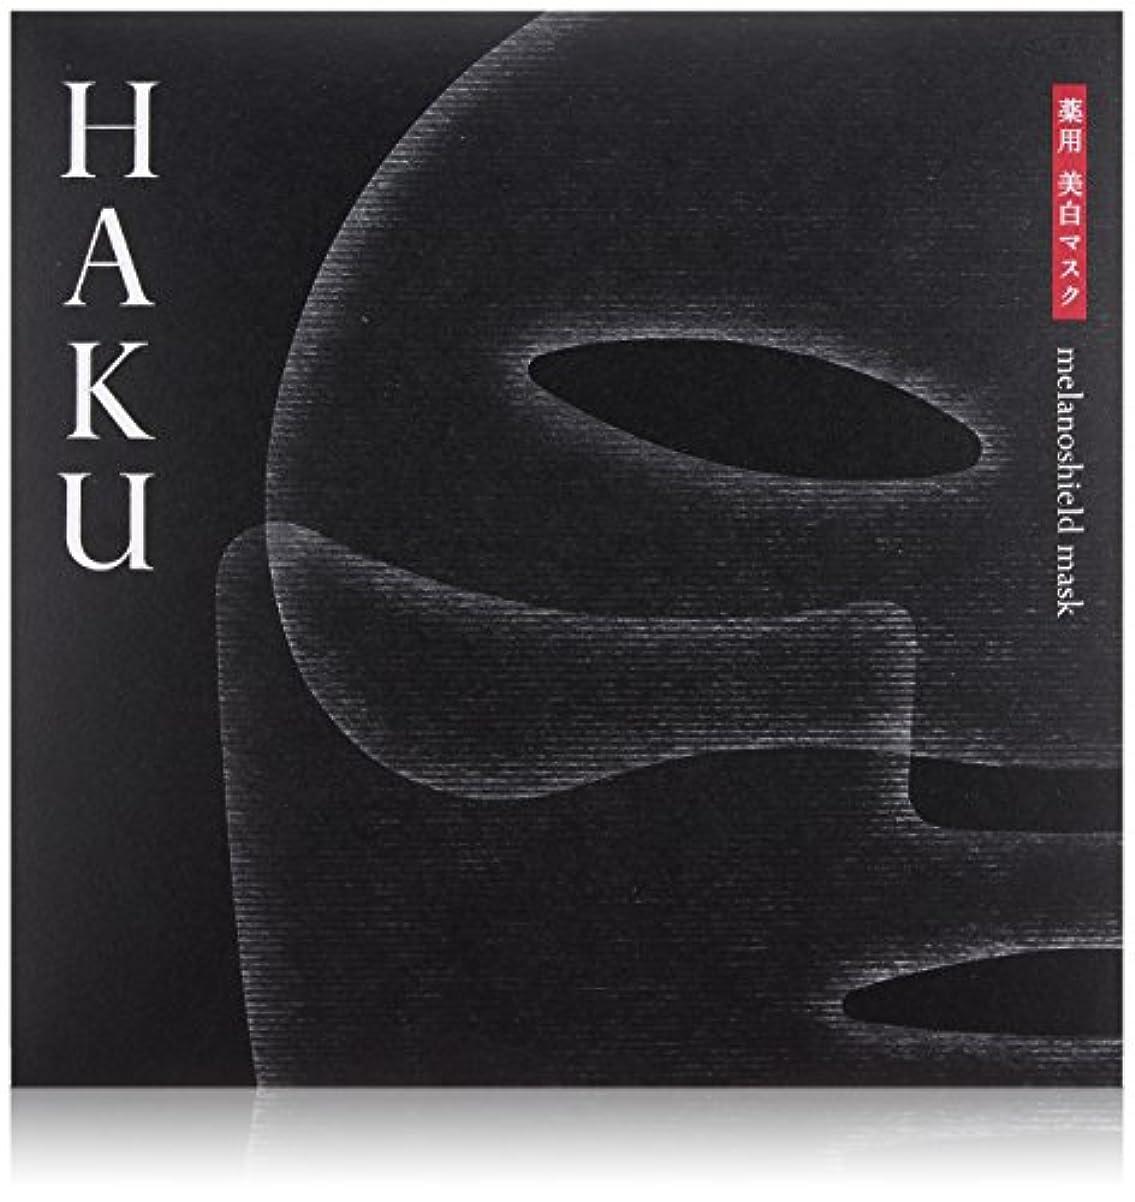 受け取る頭蓋骨人HAKU メラノシールド マスク 30mL 1袋 (上用?下用各1枚入) 薬用美白マスク 【医薬部外品】